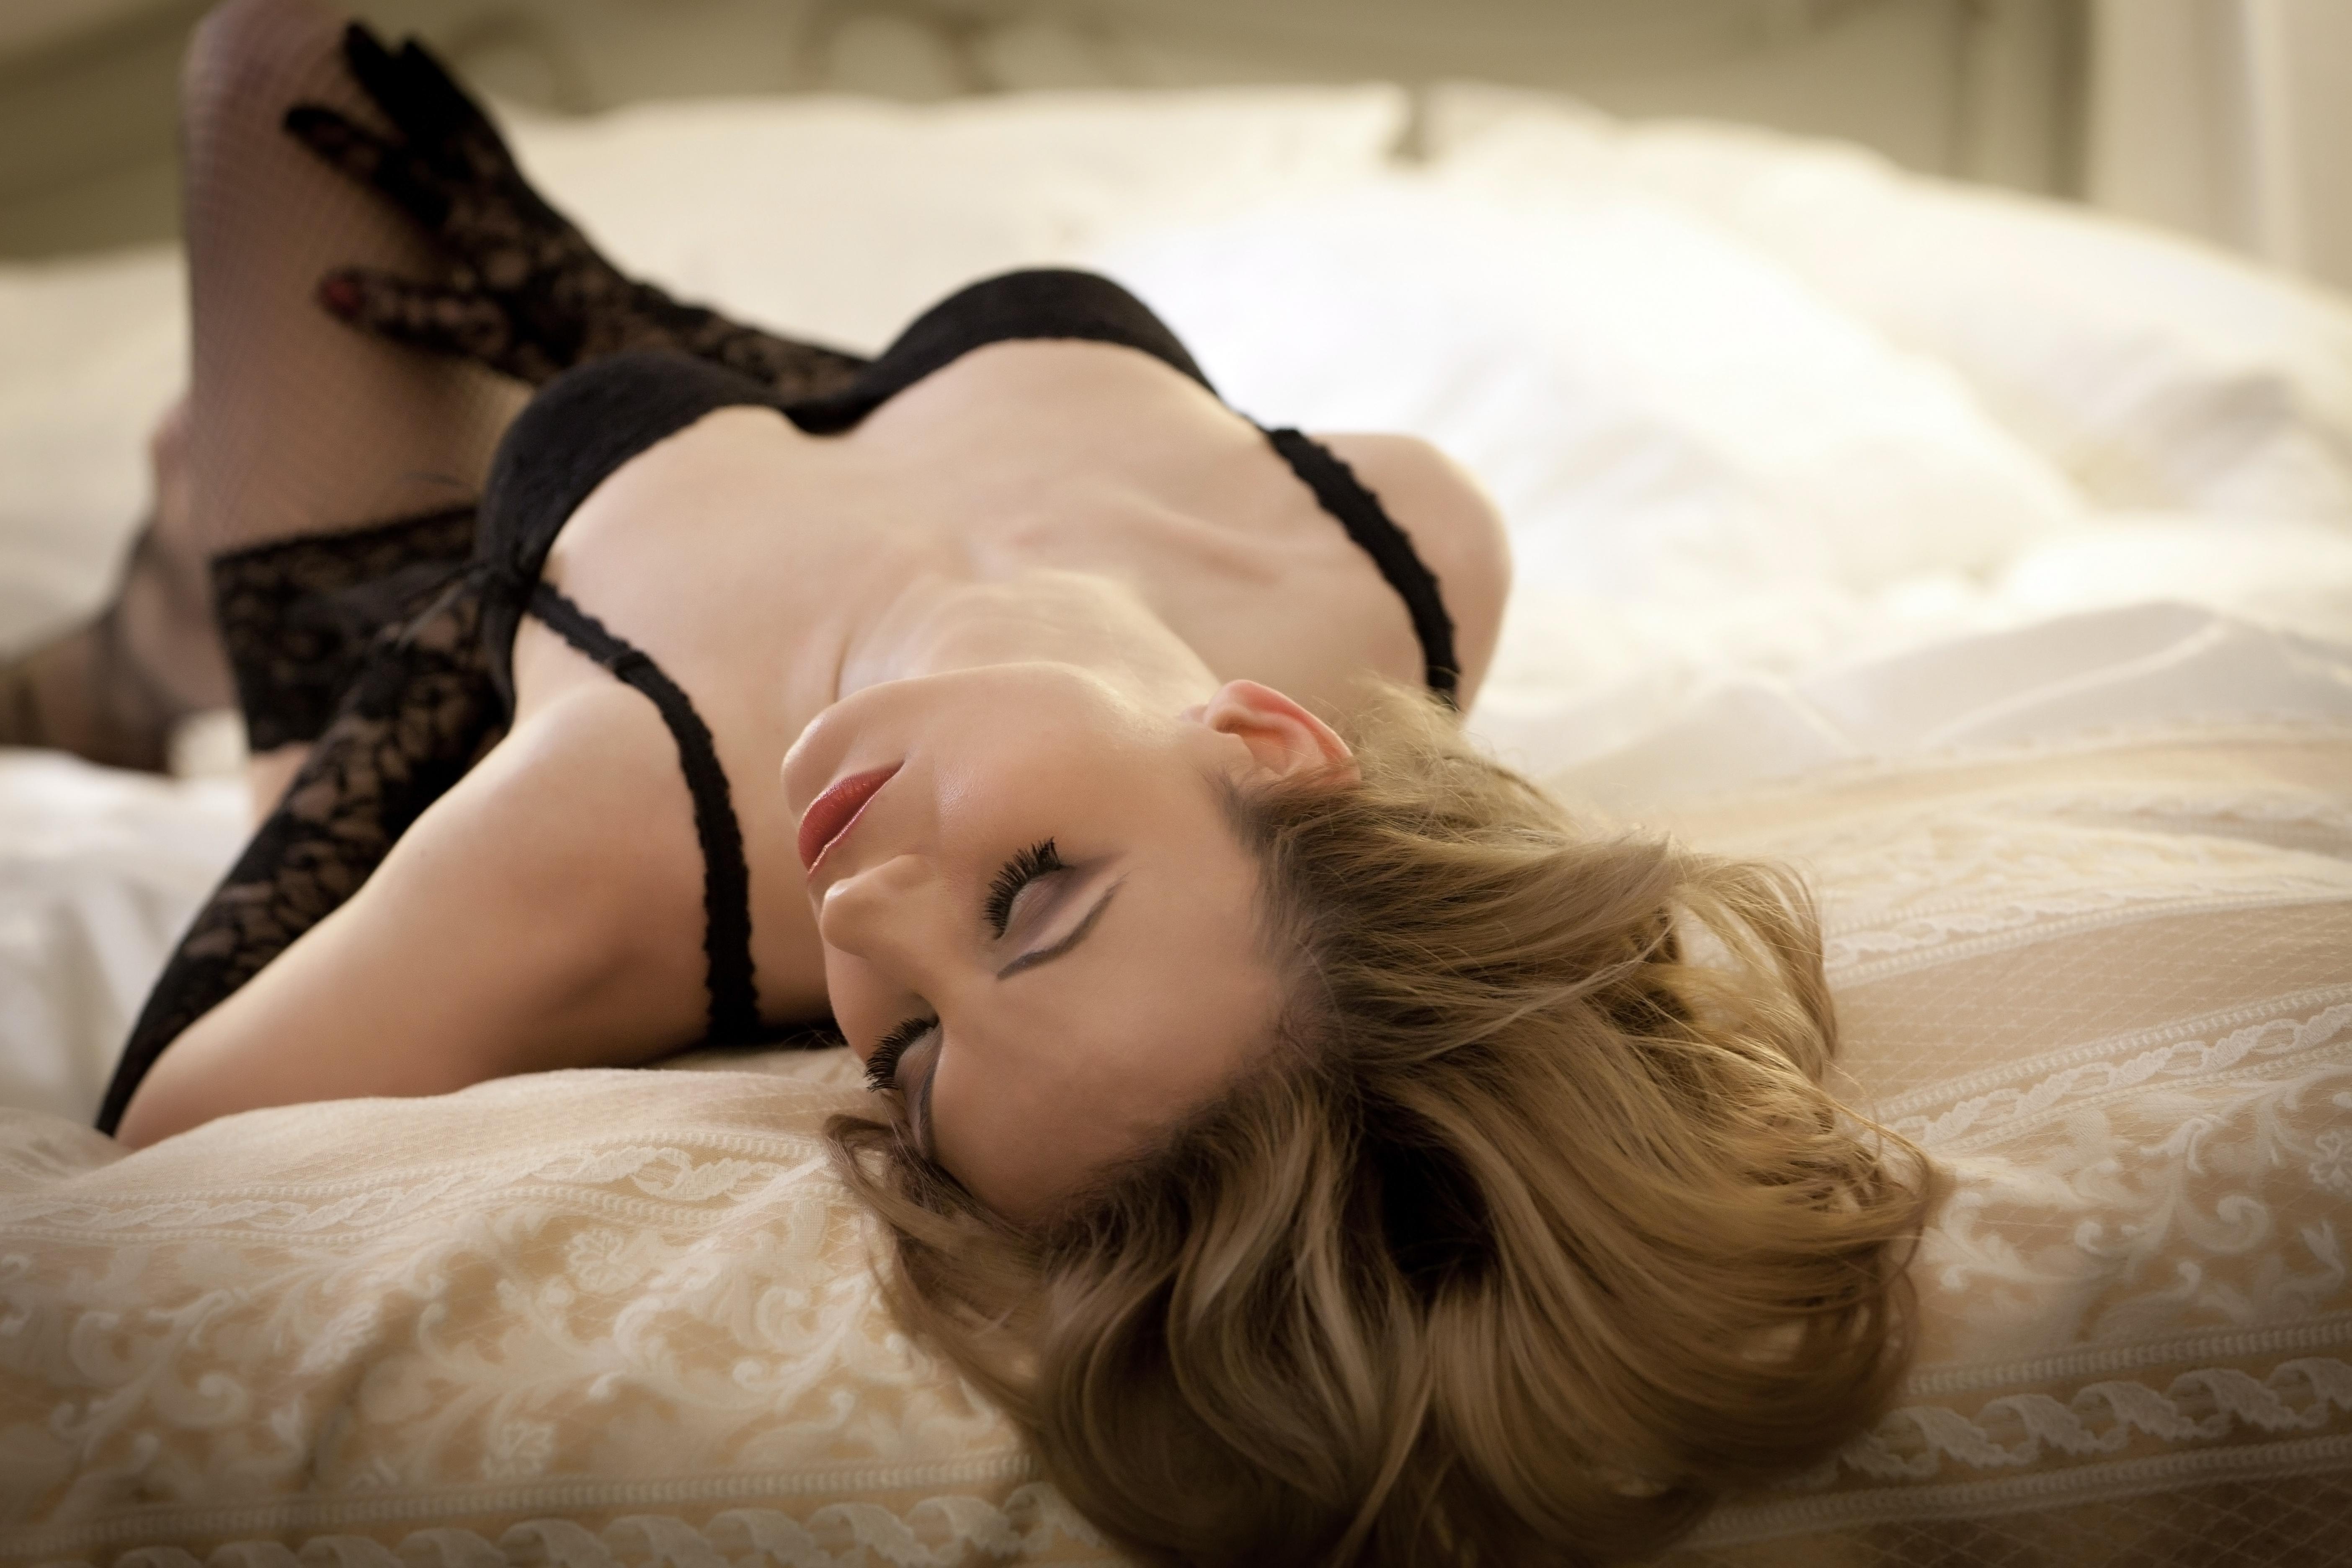 erotische porn gratis date sex